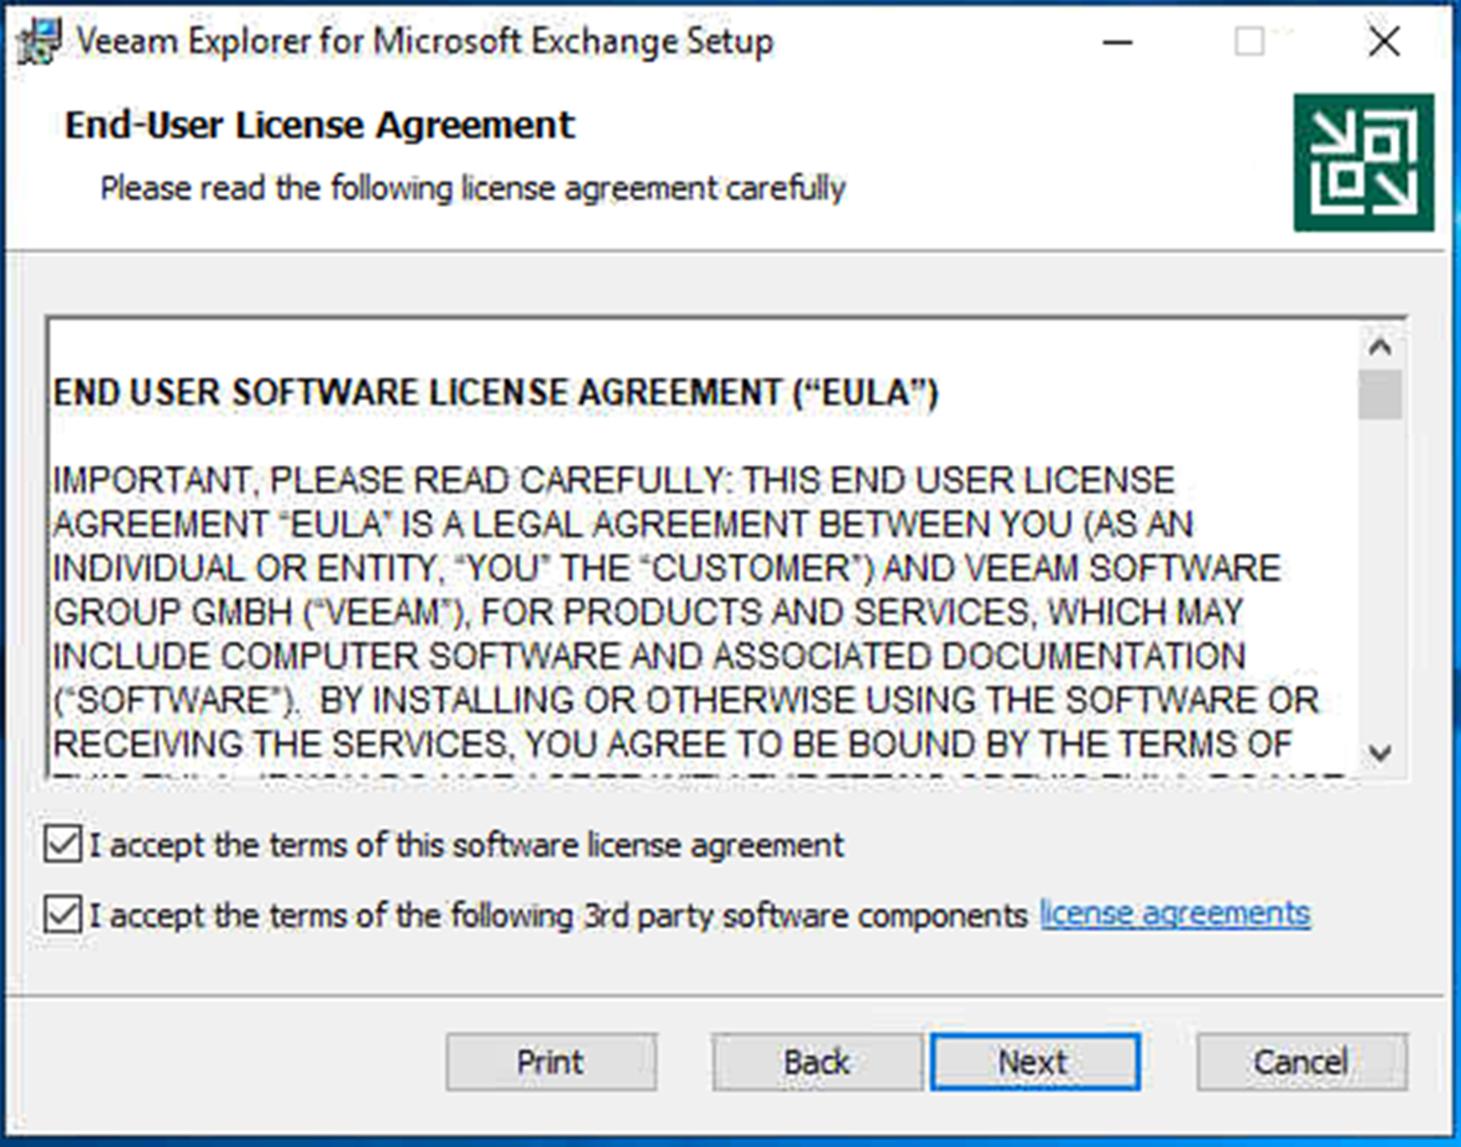 041019 0233 HowtoInstal11 - How to Install Veeam Backup for Microsoft Office 365 V3 #Veeam #MVPHOUR #Office365